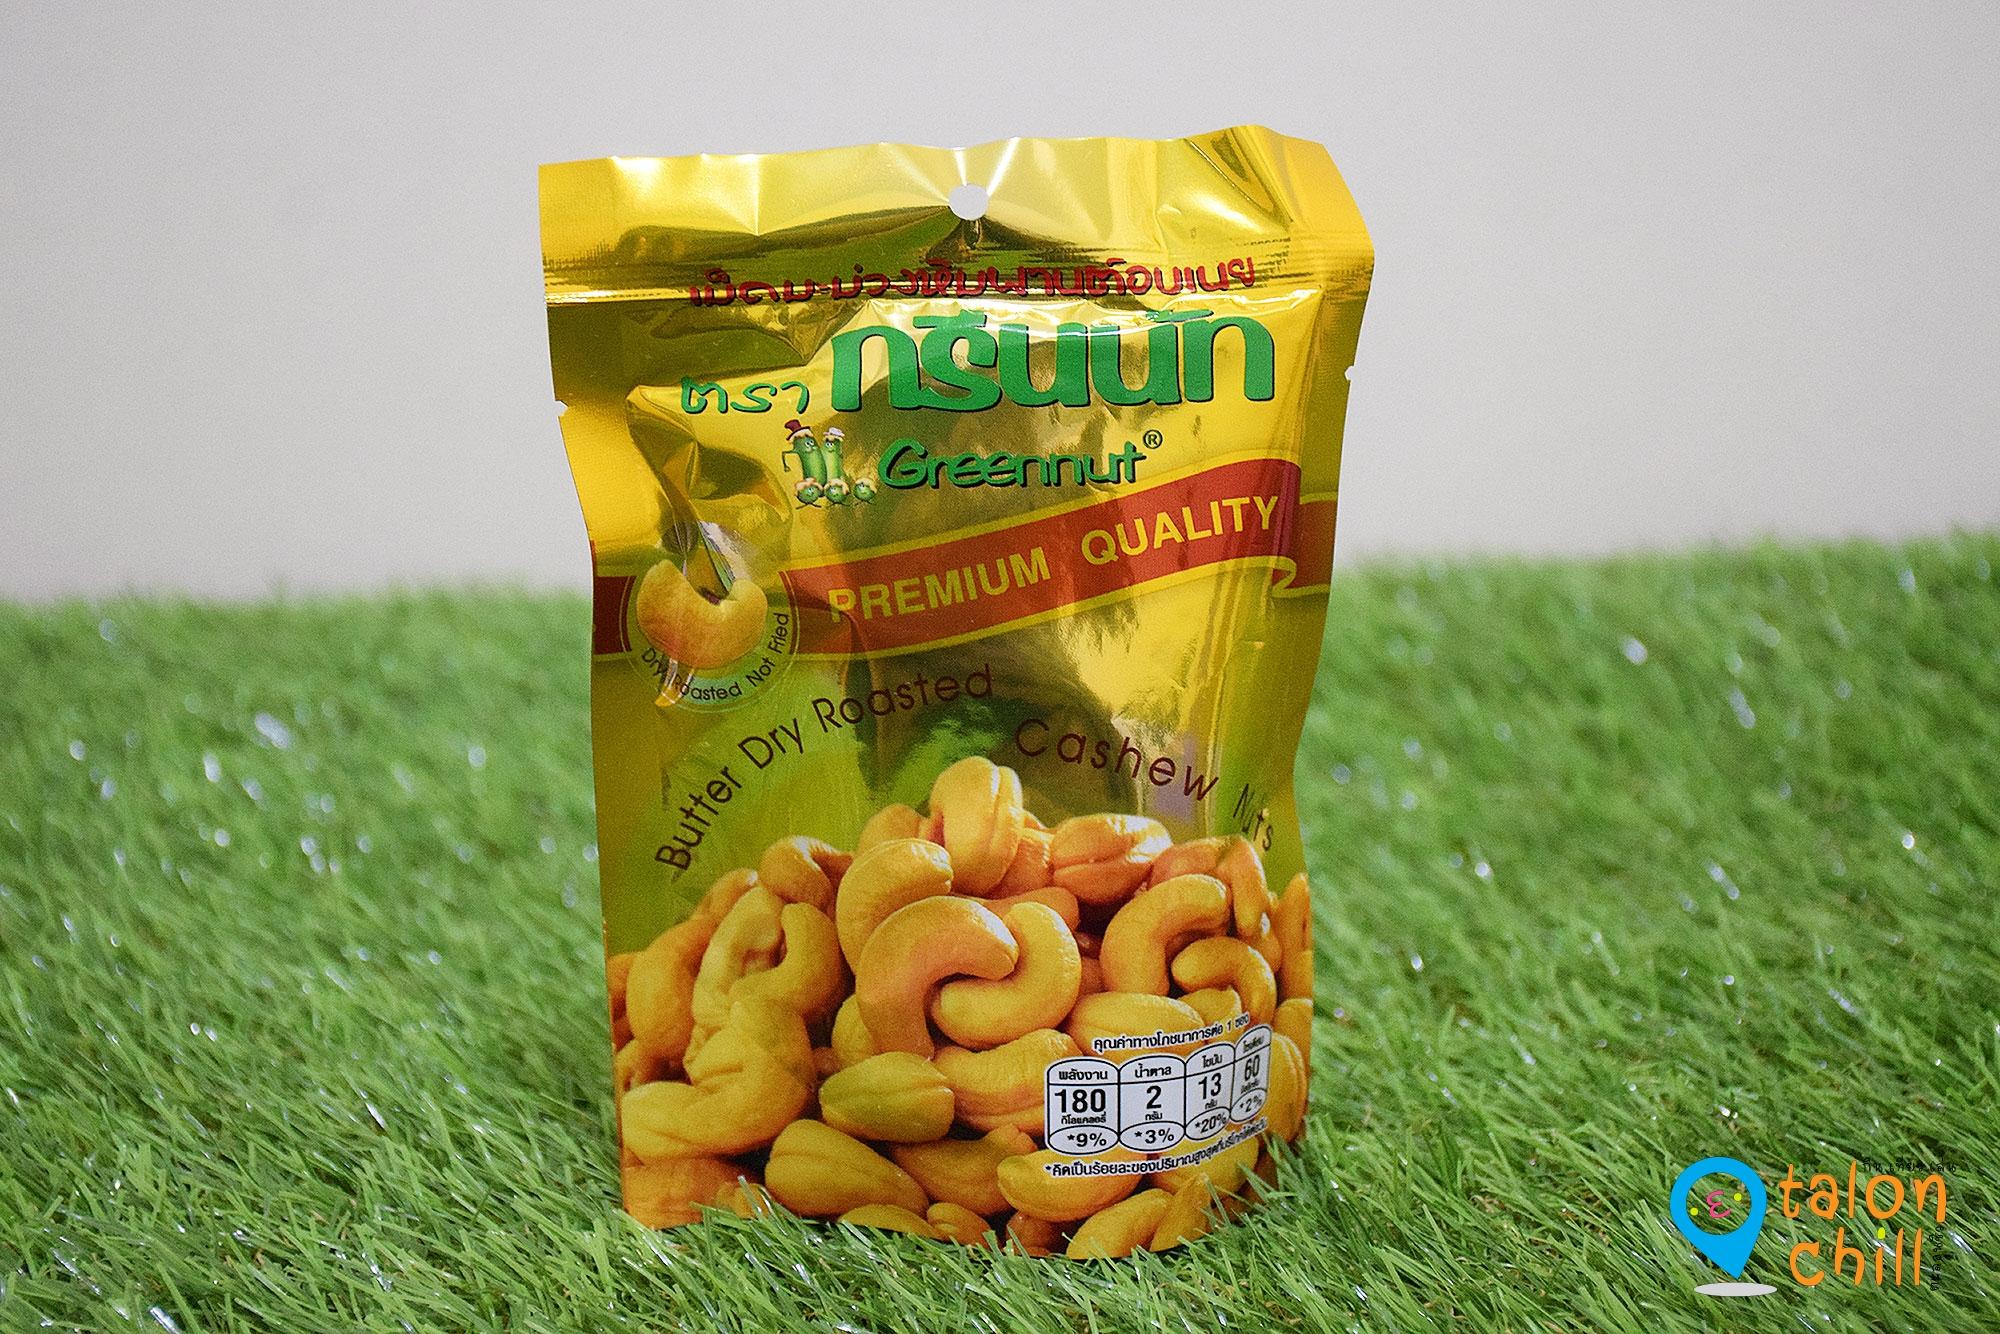 [แกะขนมรีวิว] Greennut ถั่วลันเตาอบกรอบ และเม็ดมะม่วงหิมพานต์ (Healthy Trendy Snack) จากกรีนนัท